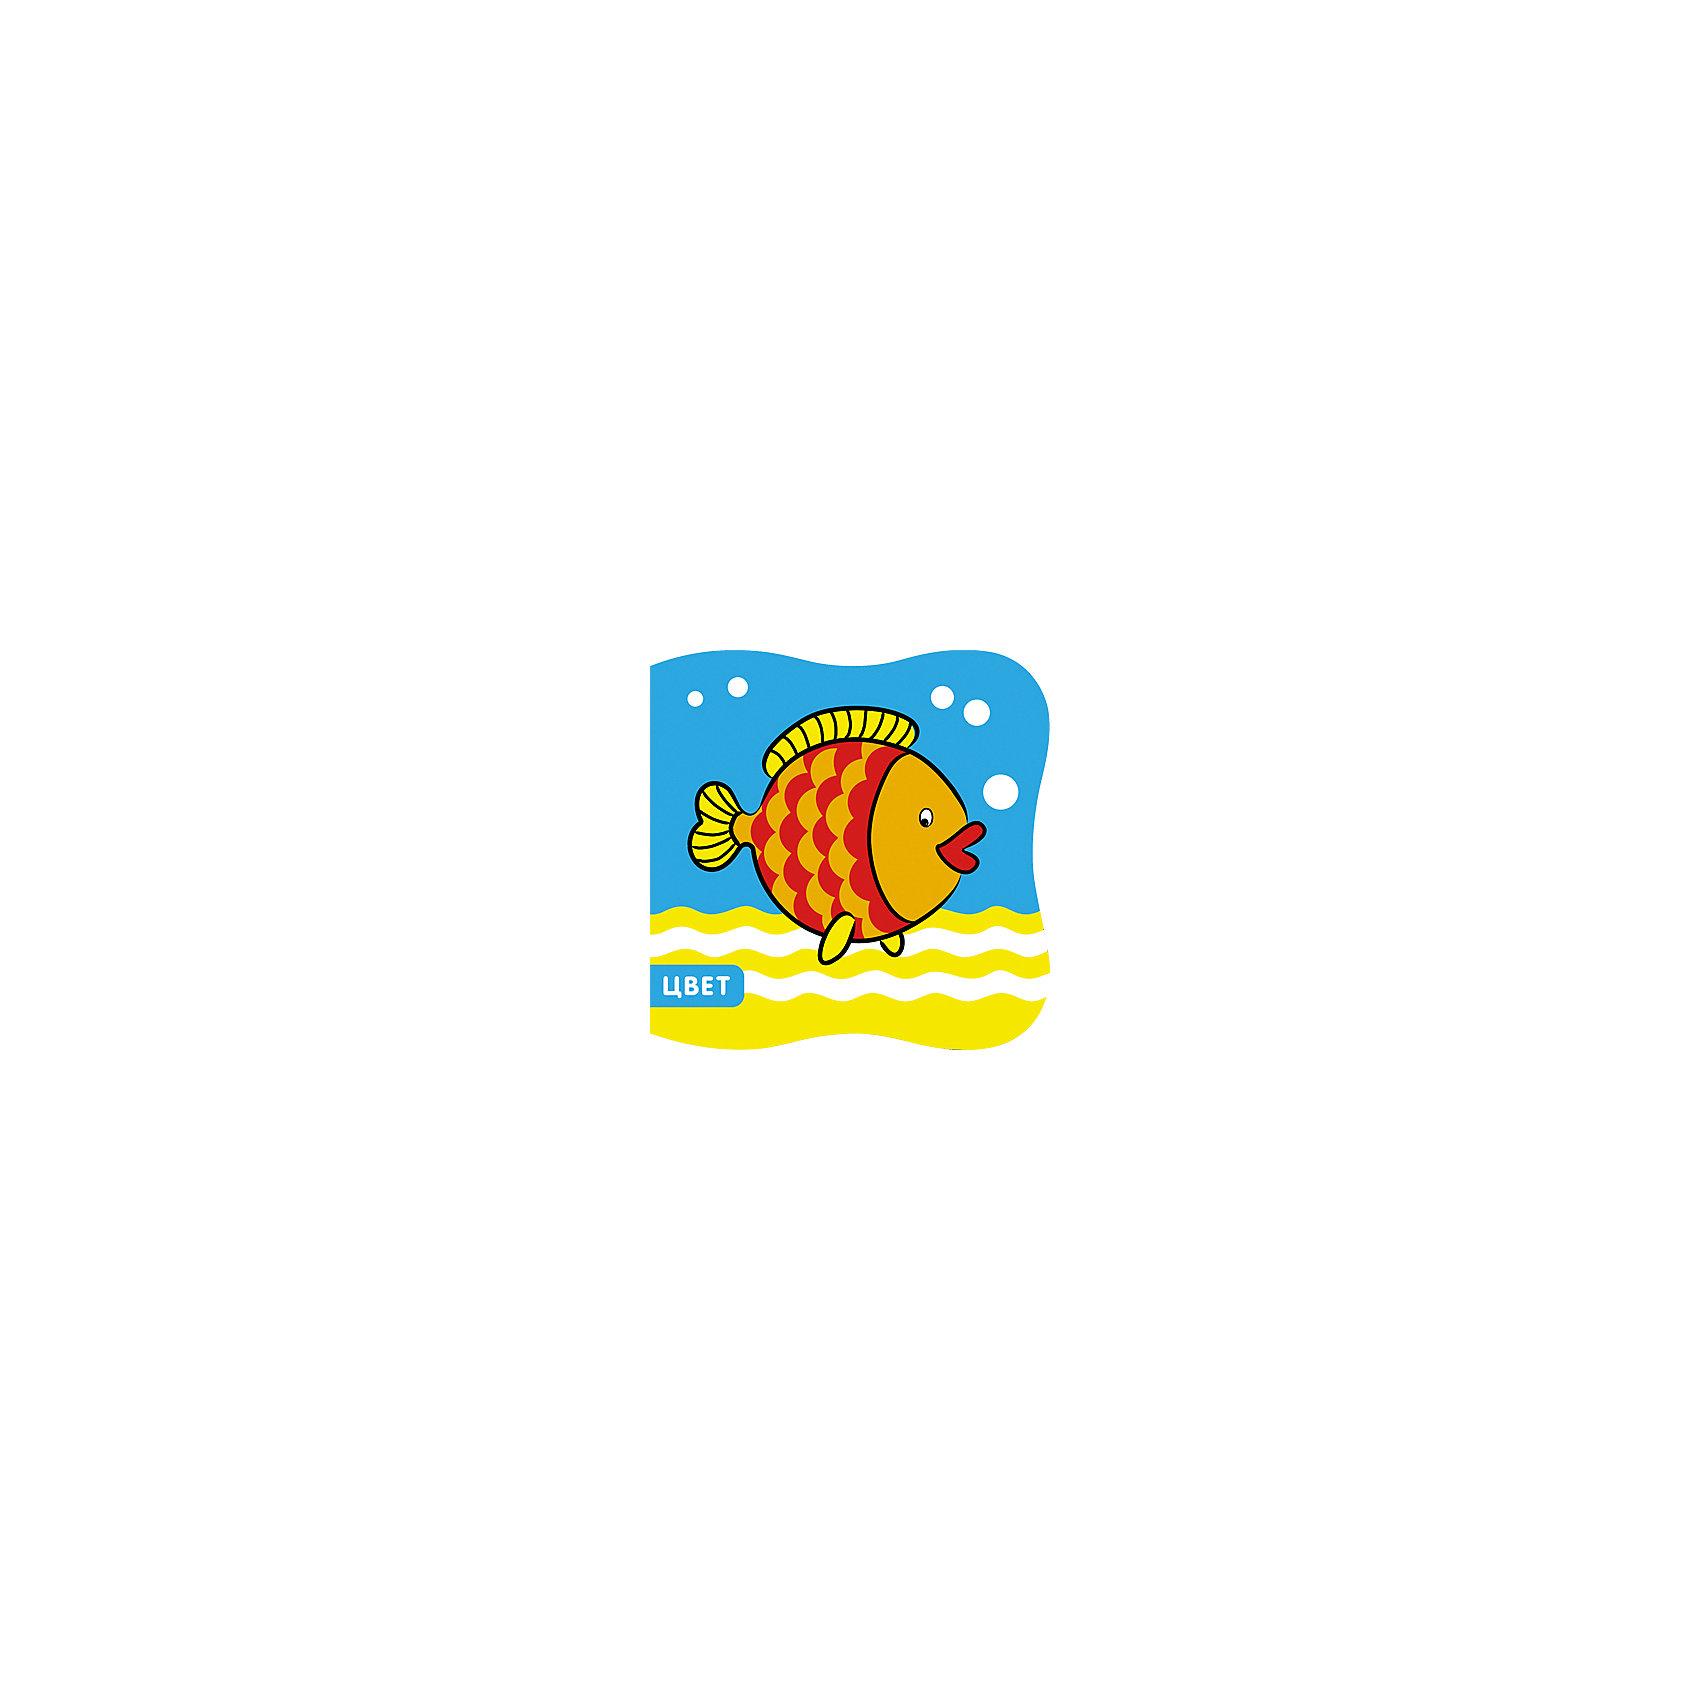 Книжка Рыбка, серия  Купашки, Мозаика-СинтезИгрушки для ванной<br>Книжка Рыбка, серия  Купашки, Мозаика-Синтез.<br><br>Характеристики:<br><br>• Издательство: МОЗАИКА-СИНТЕЗ<br>• ISBN: 9785431505942<br>• Тип: книга из мягкого моющегося материала.<br>• Серия: речь, грамота, чтение.<br>• Возраст: от 0 лет.<br>• Размер книги: 127х125х20 мм.<br>• Количество страниц: 6<br><br>С книжкой «Рыбка» серии «Купашки» так приятно играть в воде! С ней купание станет не только полезной, но и веселой процедурой. Книжка не боится воды, она очень мягкая и приятная на ощупь, а еще издает забавный писк. Крупные, яркие картинки познакомят вашего малыша с основными цветами.<br><br>Книжку Рыбка, серия  Купашки, Мозаика-Синтез, можно купить в нашем интернет – магазине.<br><br>Ширина мм: 20<br>Глубина мм: 127<br>Высота мм: 125<br>Вес г: 37<br>Возраст от месяцев: 0<br>Возраст до месяцев: 36<br>Пол: Унисекс<br>Возраст: Детский<br>SKU: 5428902